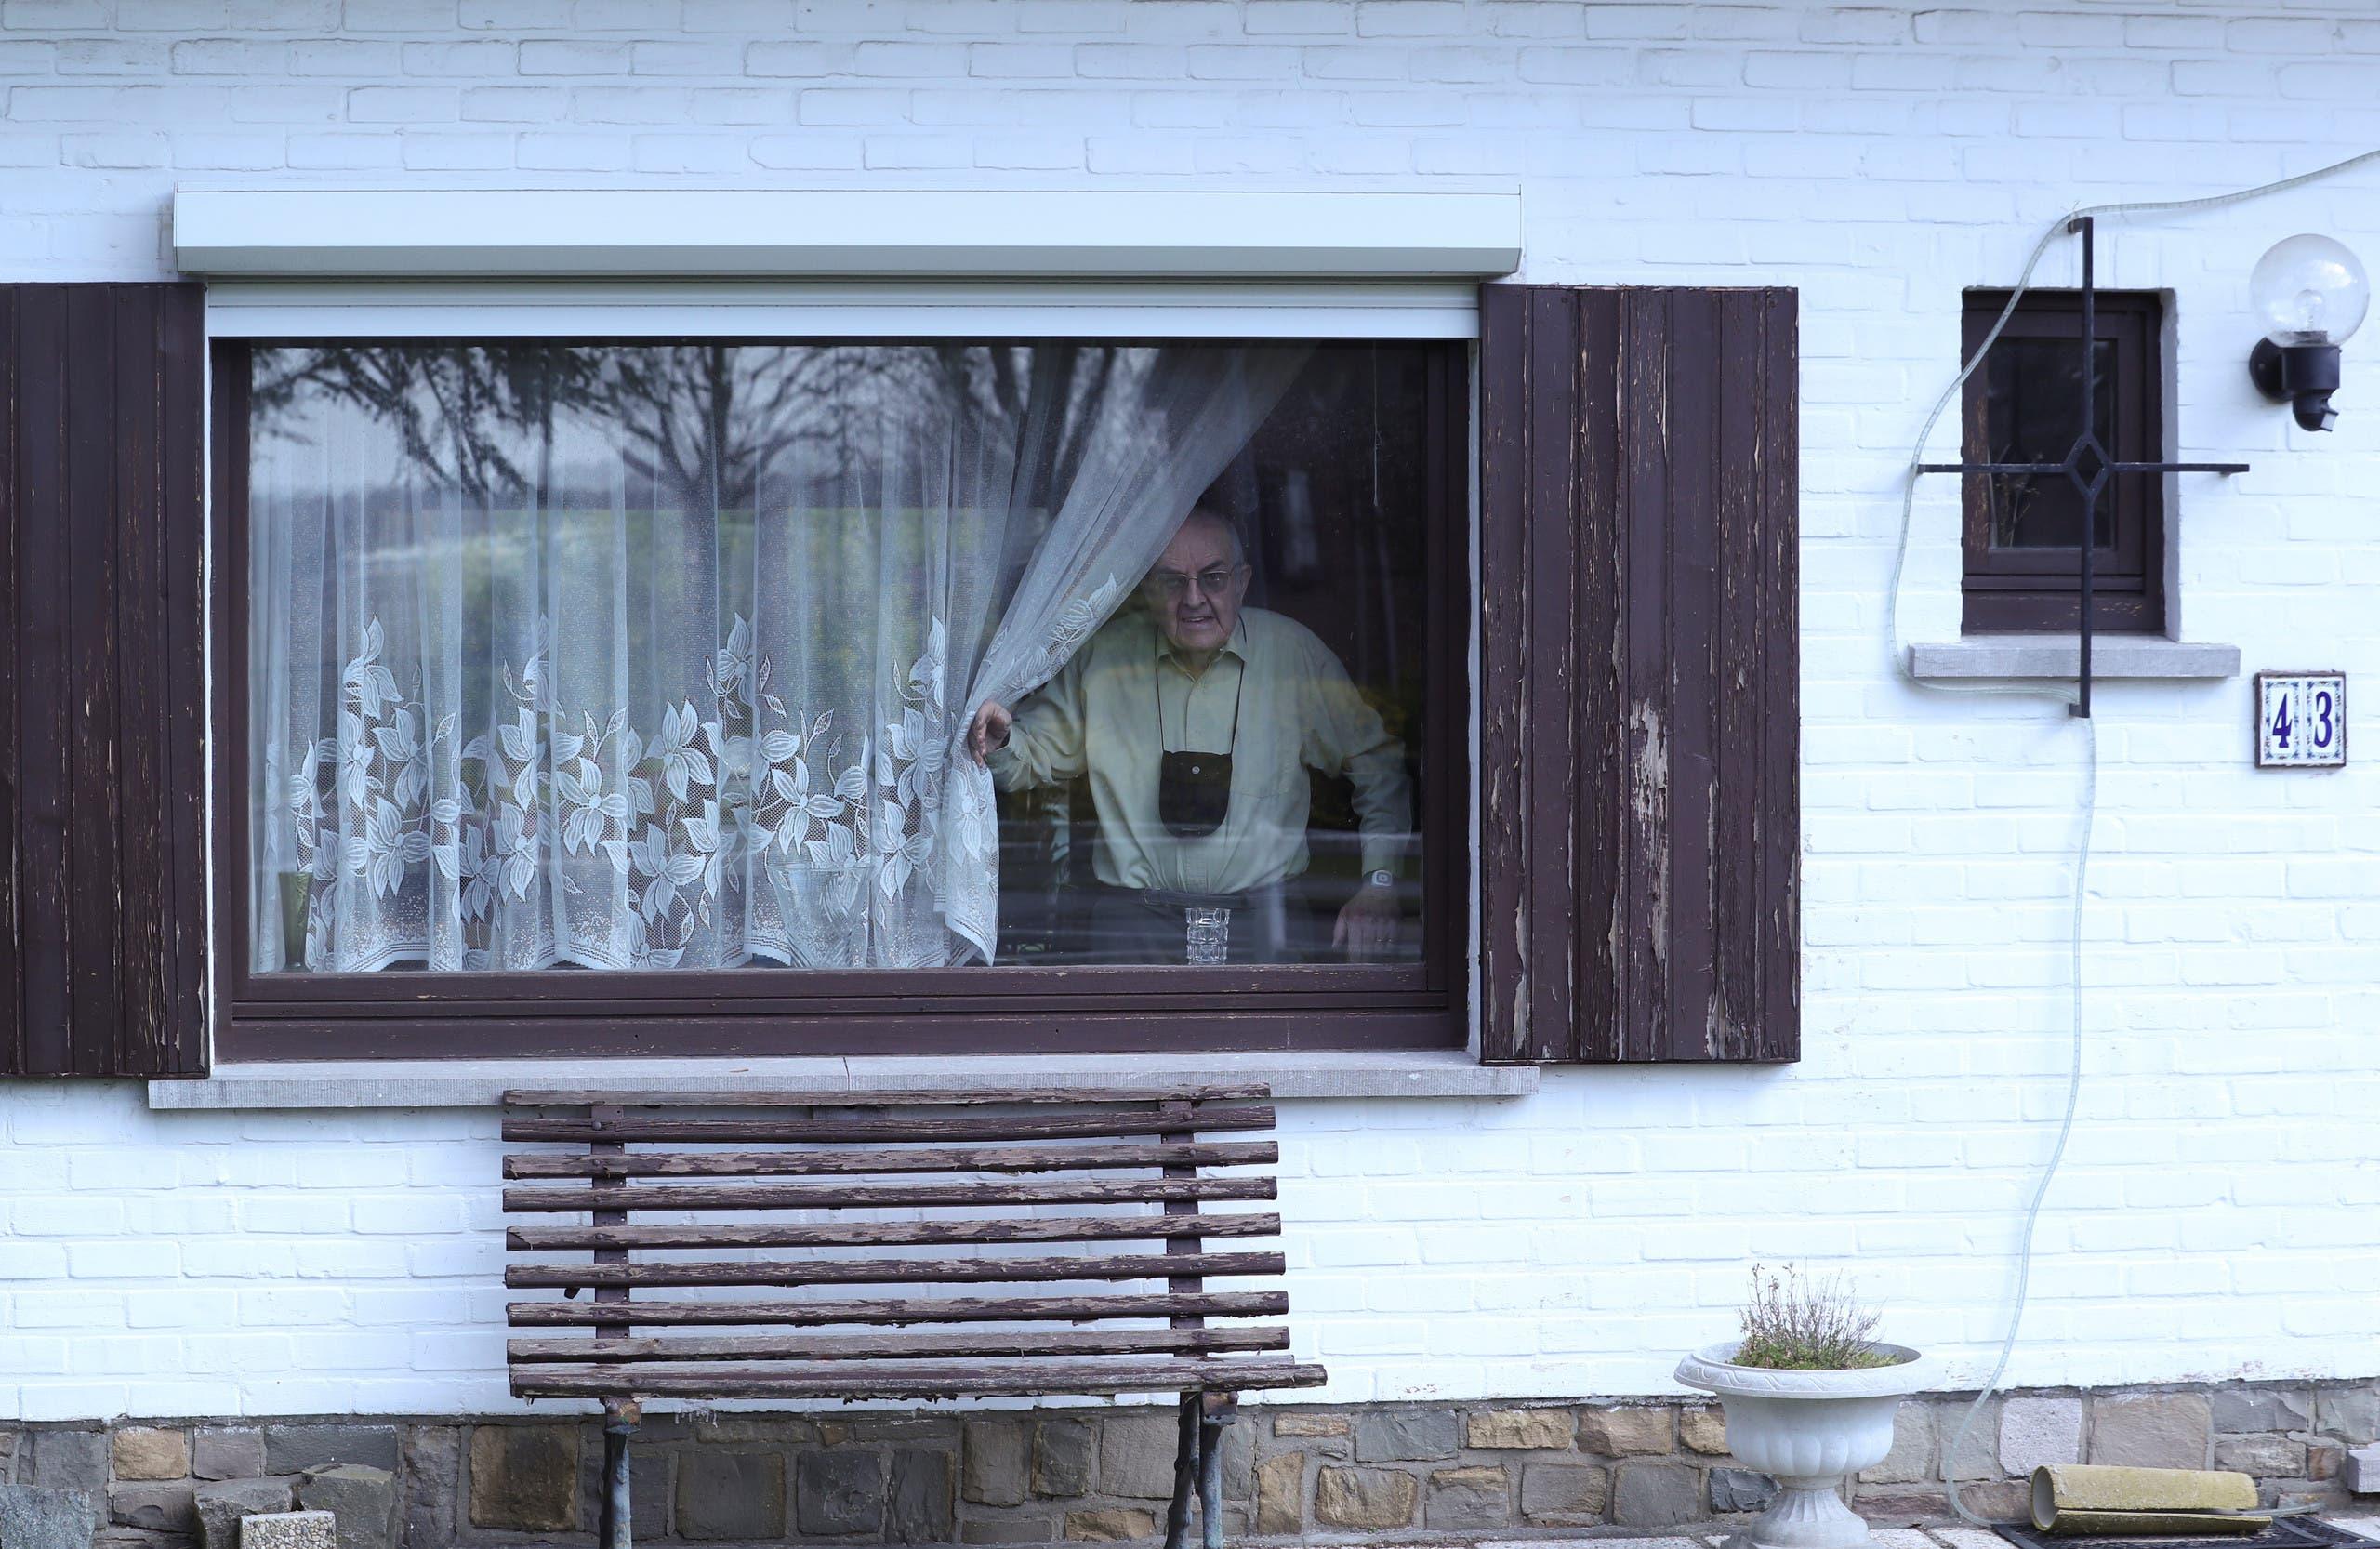 مسن بلجيكي يطل عبر نافذة منزله حيث يخضع للعزل في بروكسيل